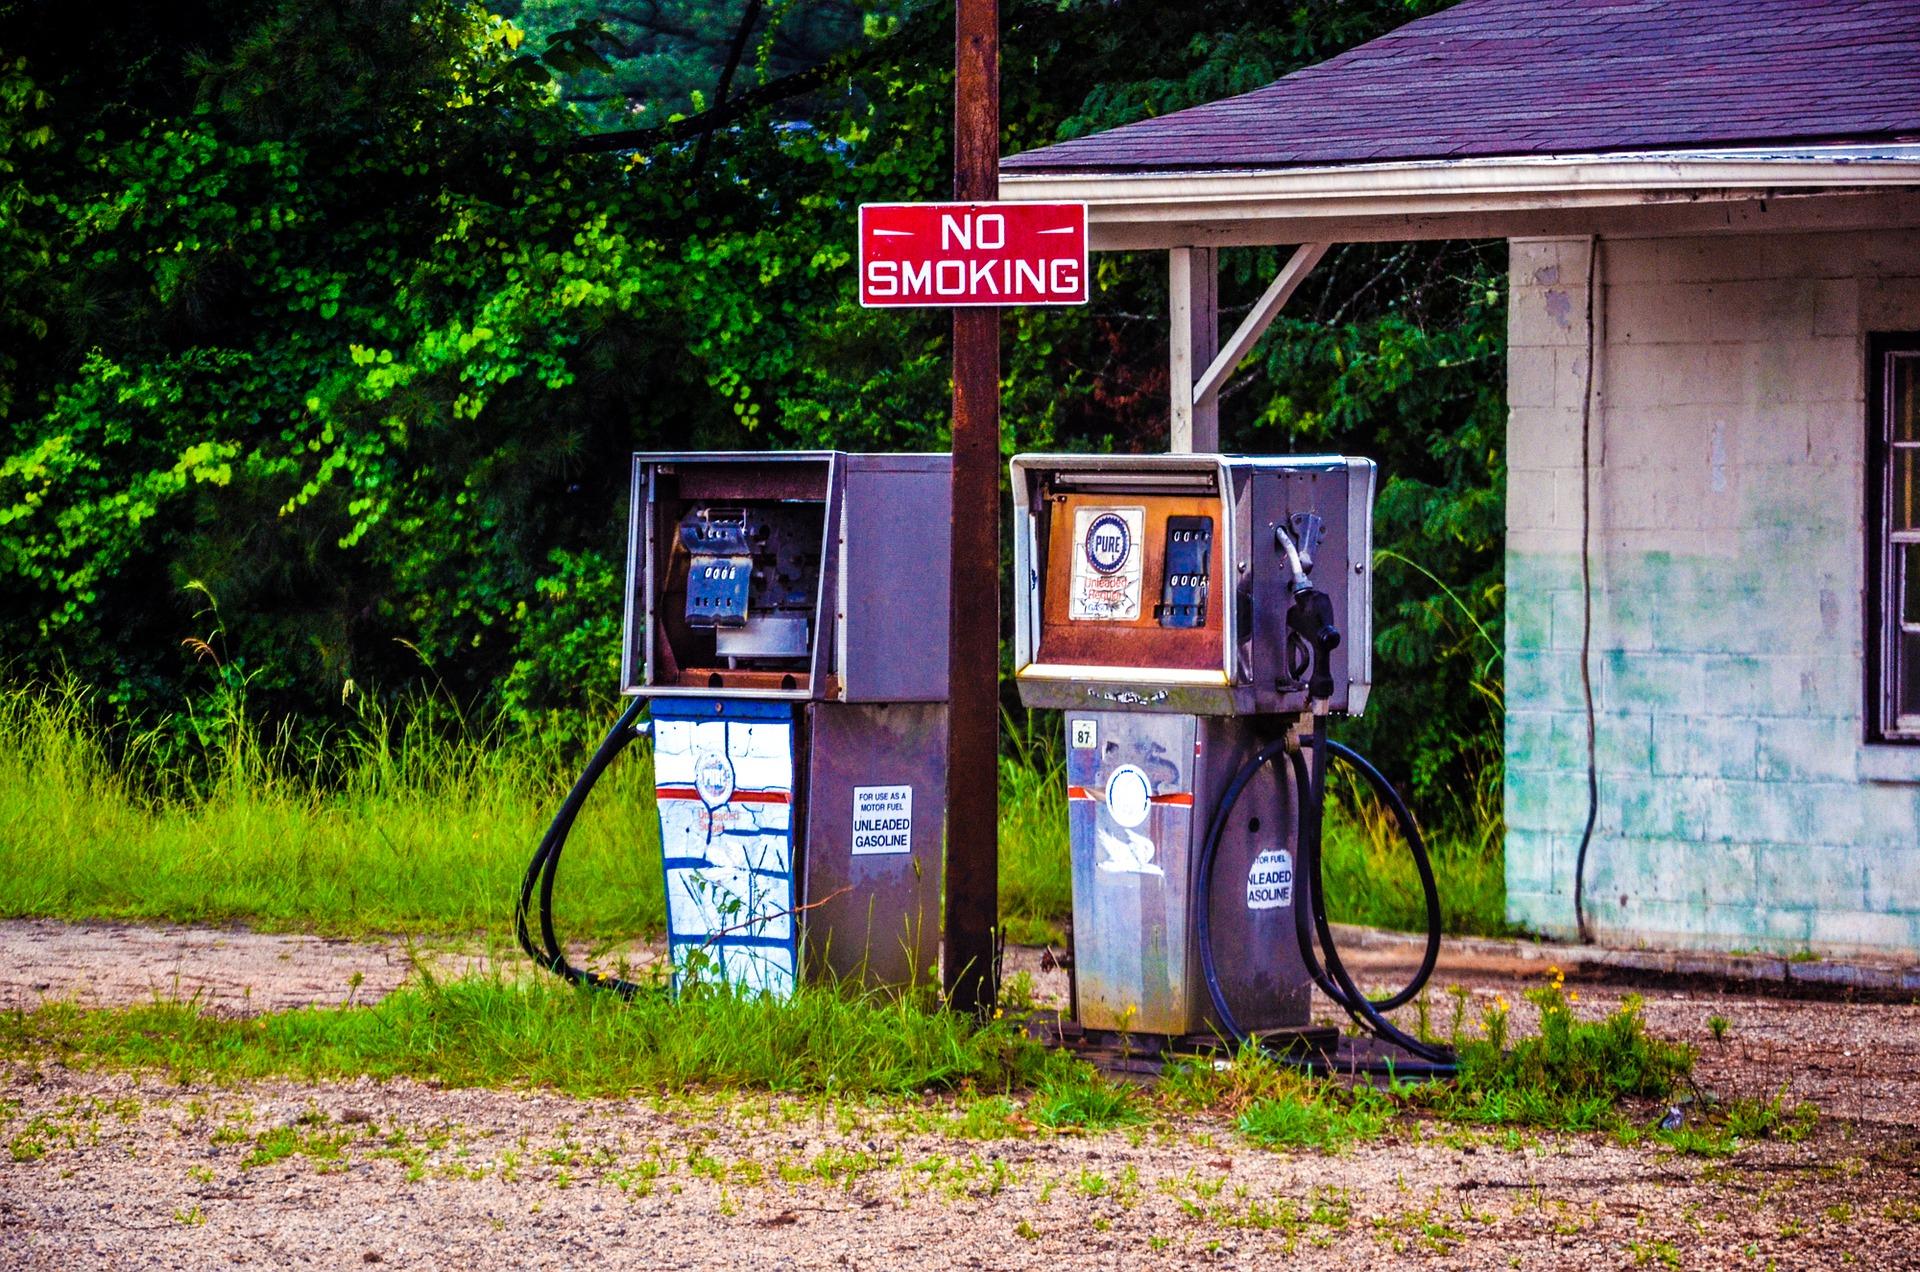 Калифорния готовит официальный ответ в газовой войне, звонки миль на галлон откат 'незаконное'